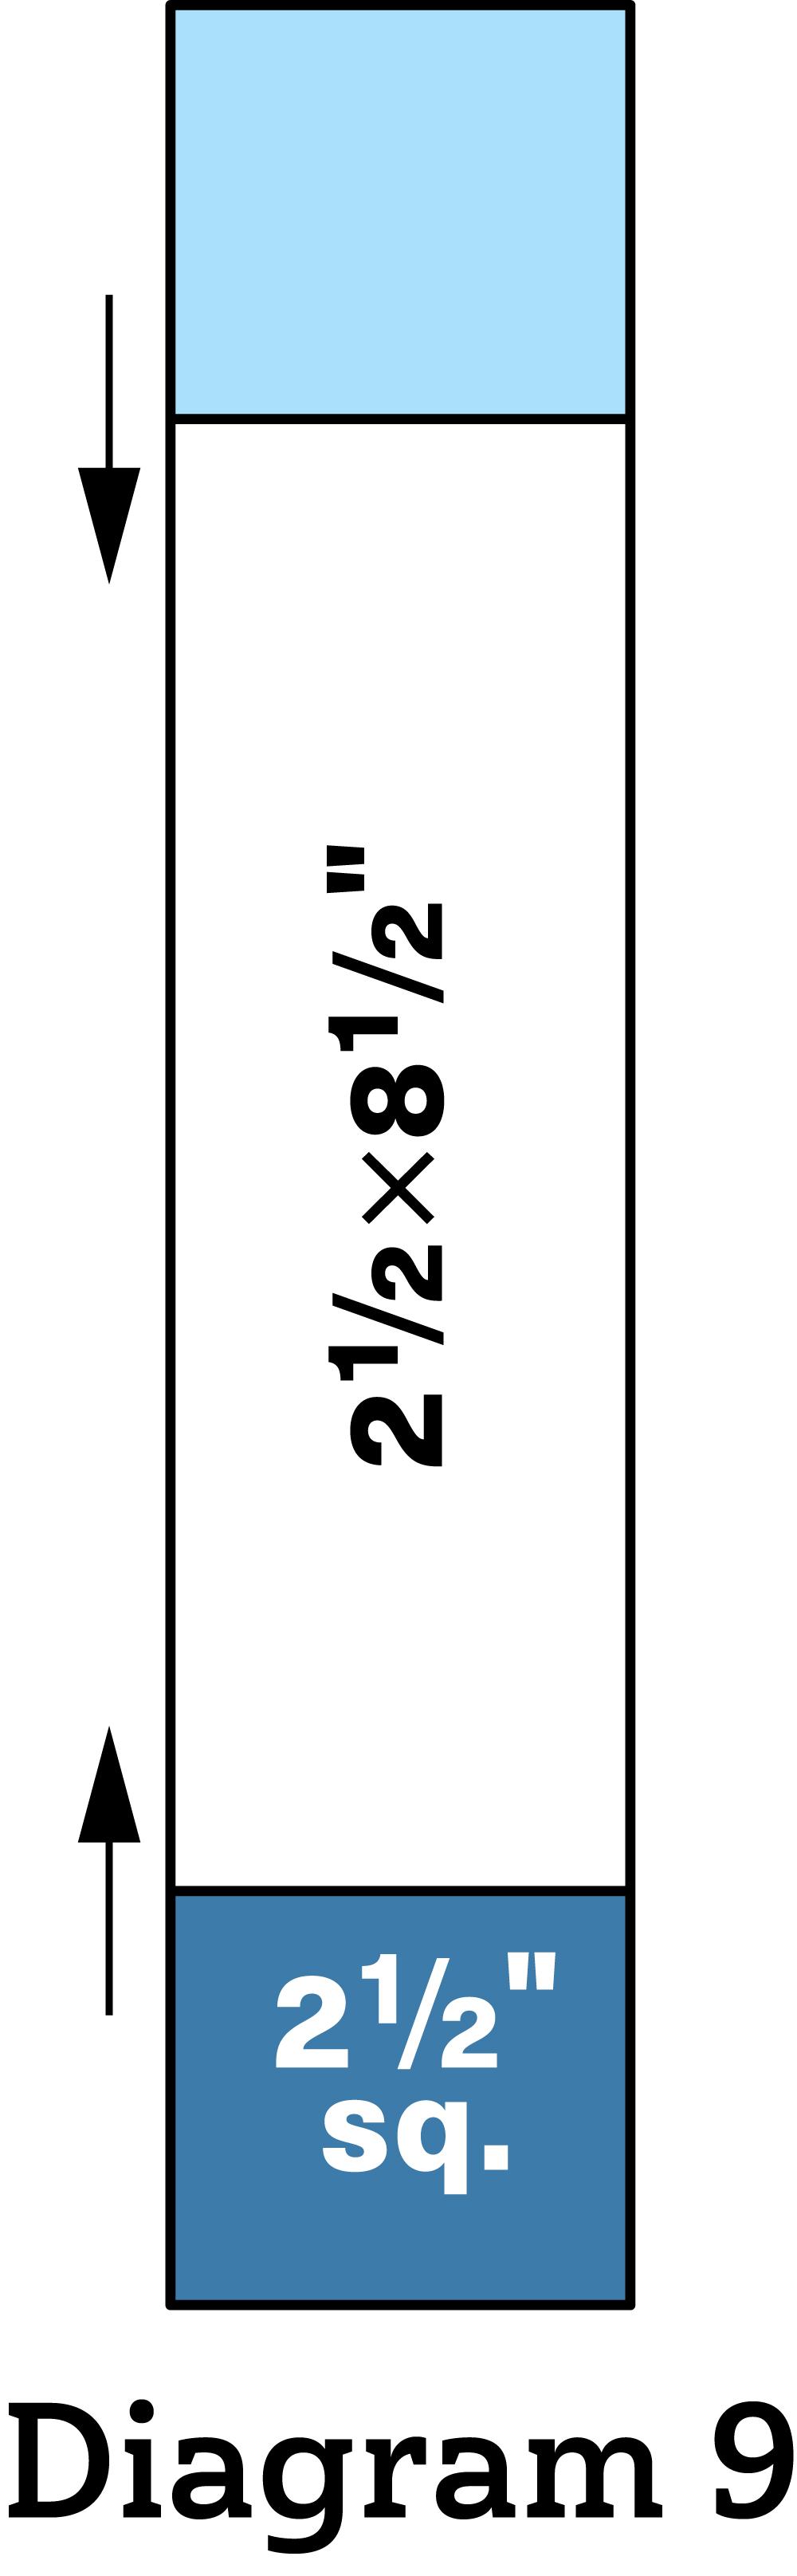 7001096-8298-d9opt.jpg